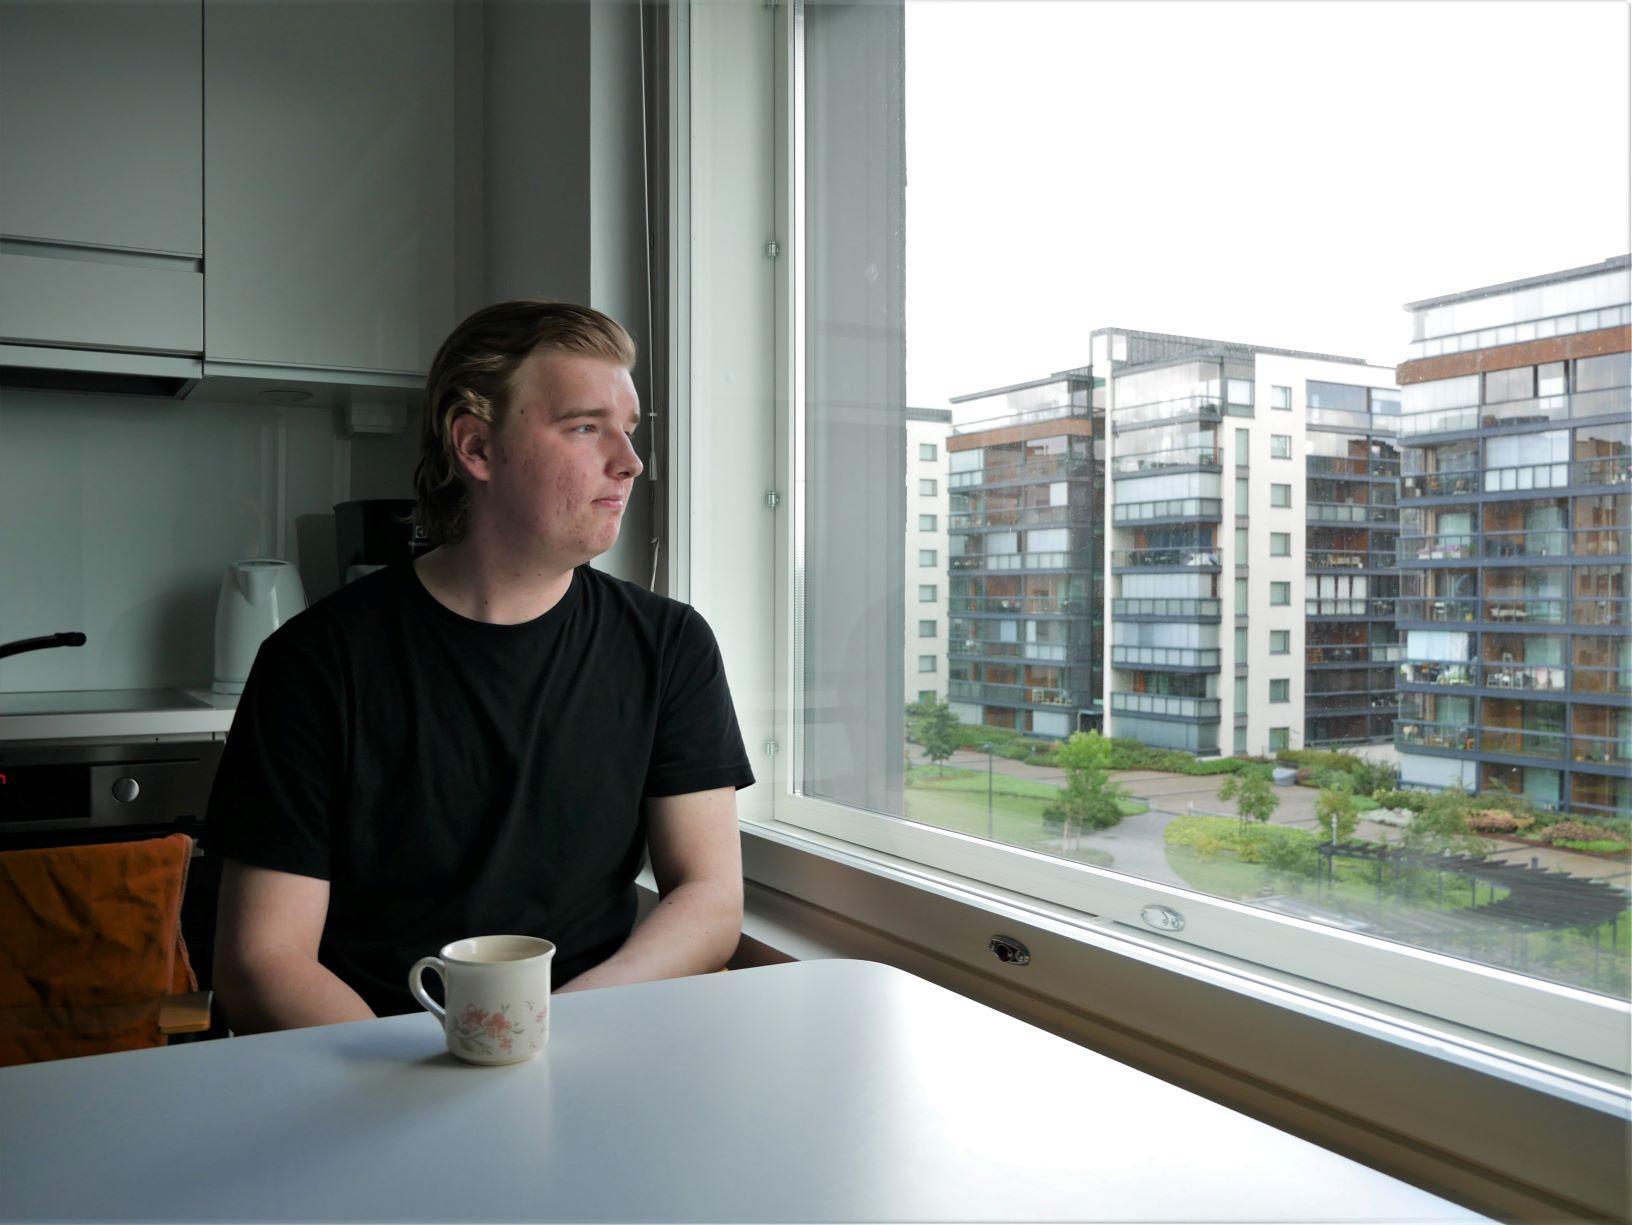 EN ung man sitter vid köksbordet och tittar ut genom fönstret. Det syns höghus i bakgrunden